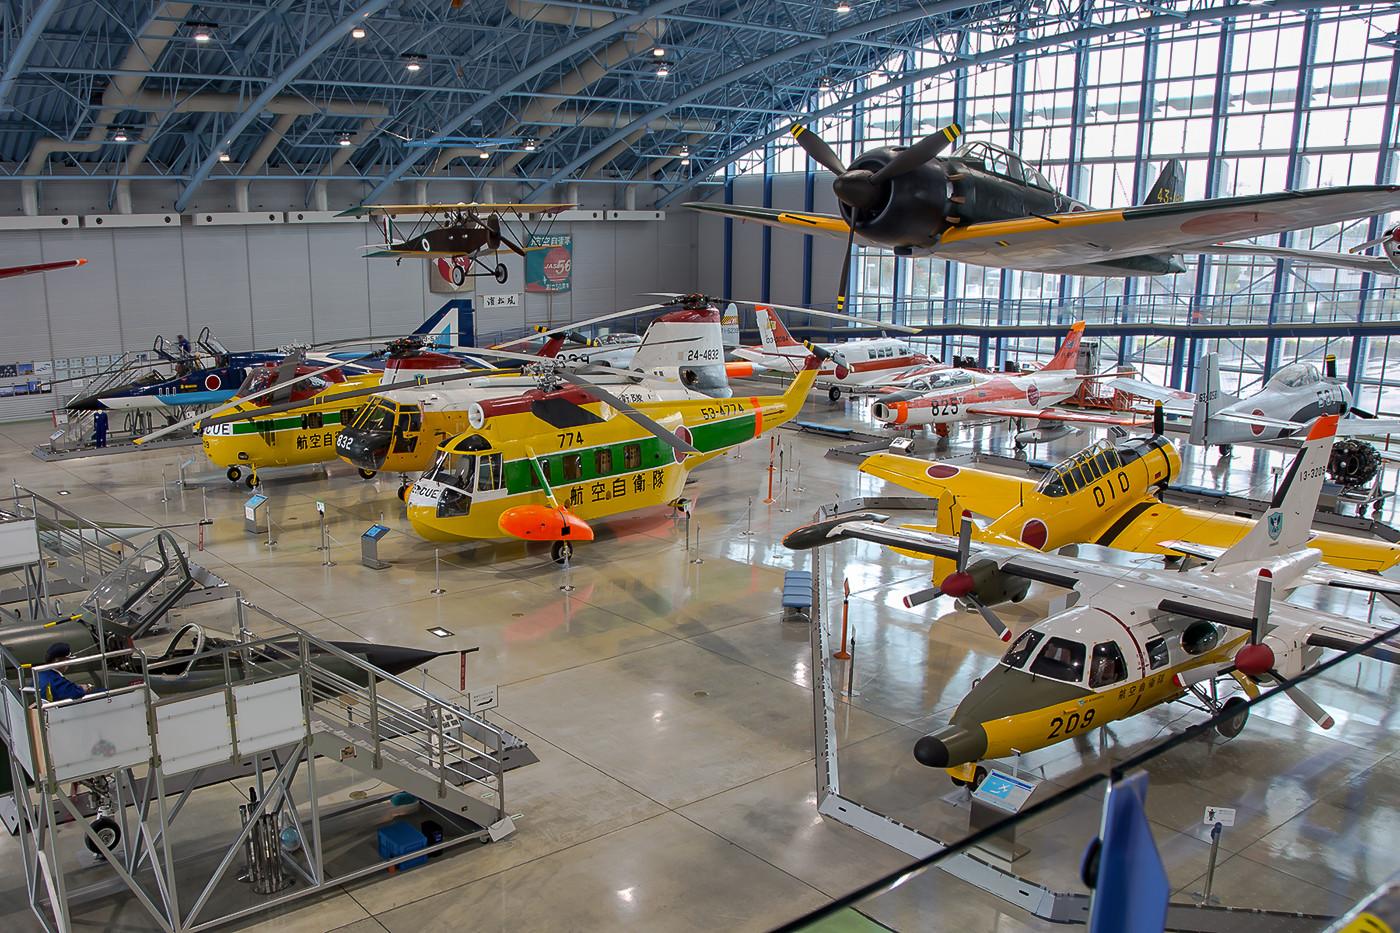 Die andere Seite der Halle hällt einige sehr schöne Hubschrauber bereit.